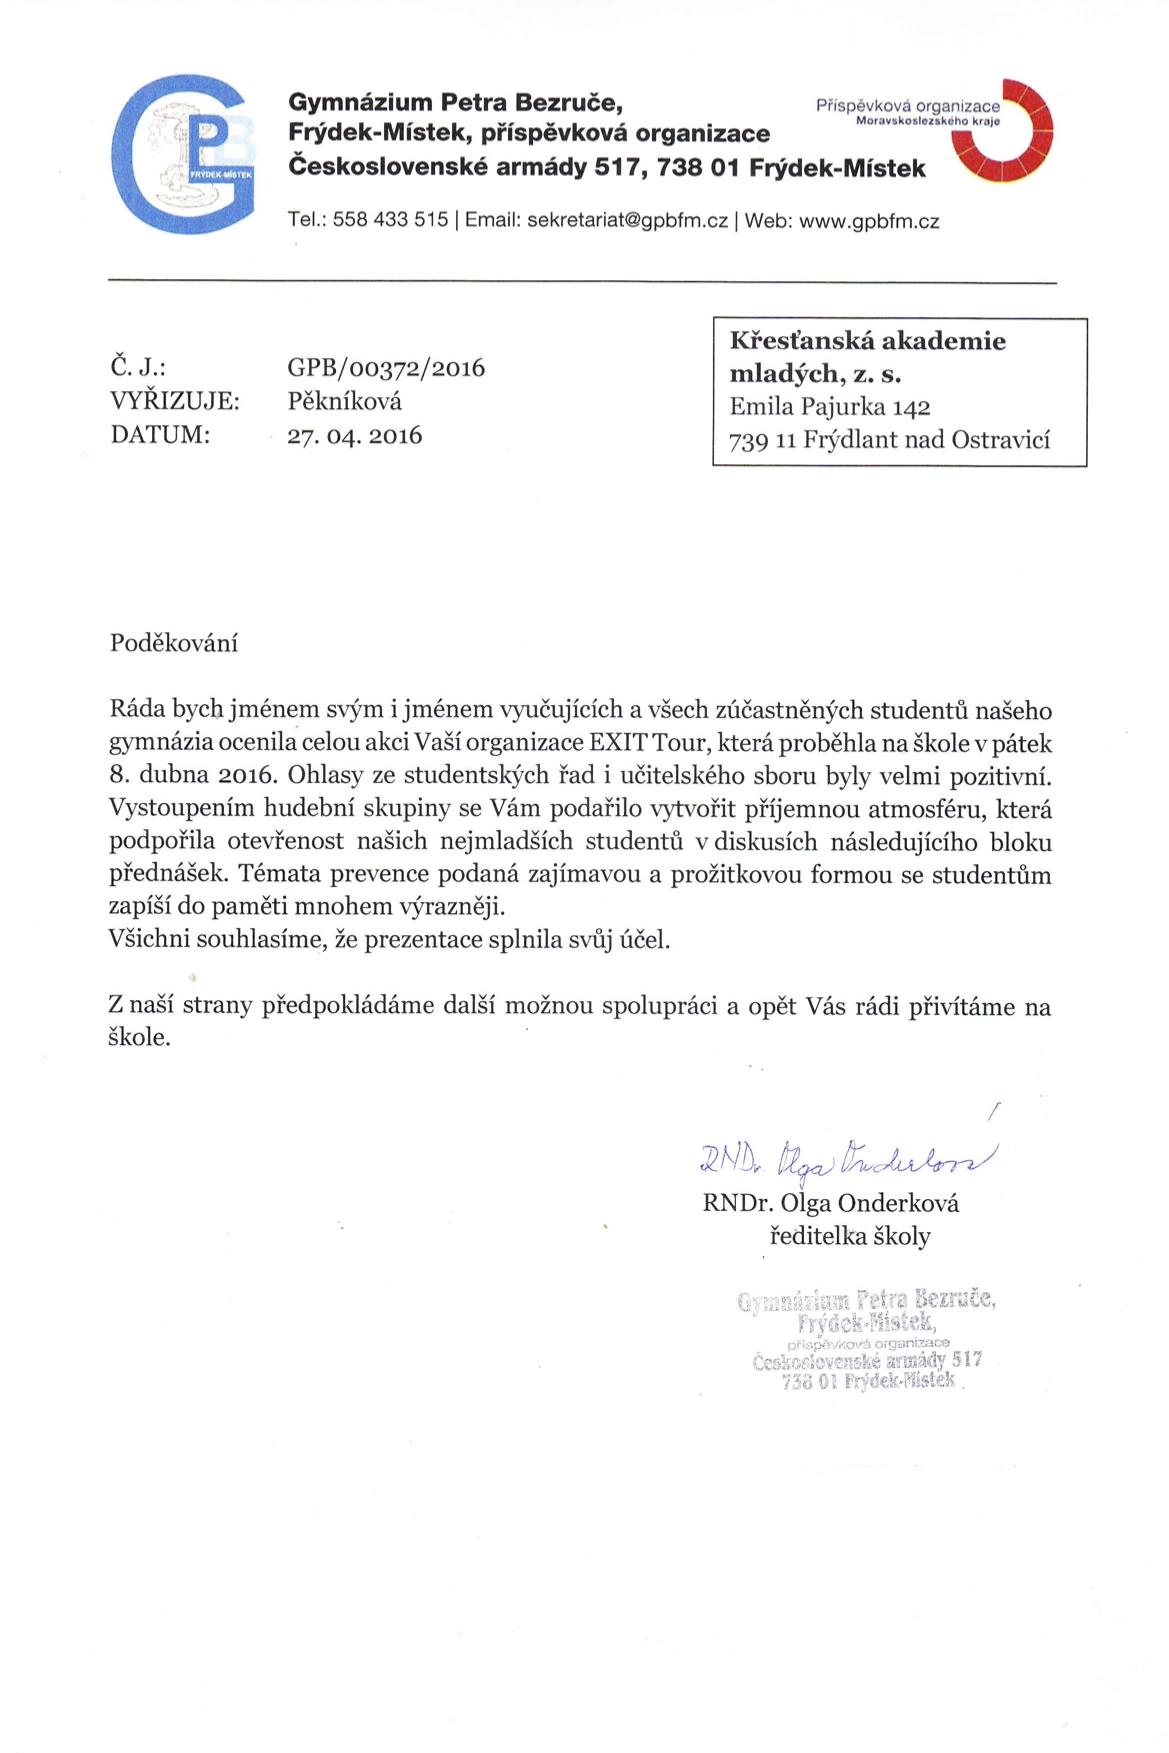 Frydek GymnaziumPB 2016.jpg